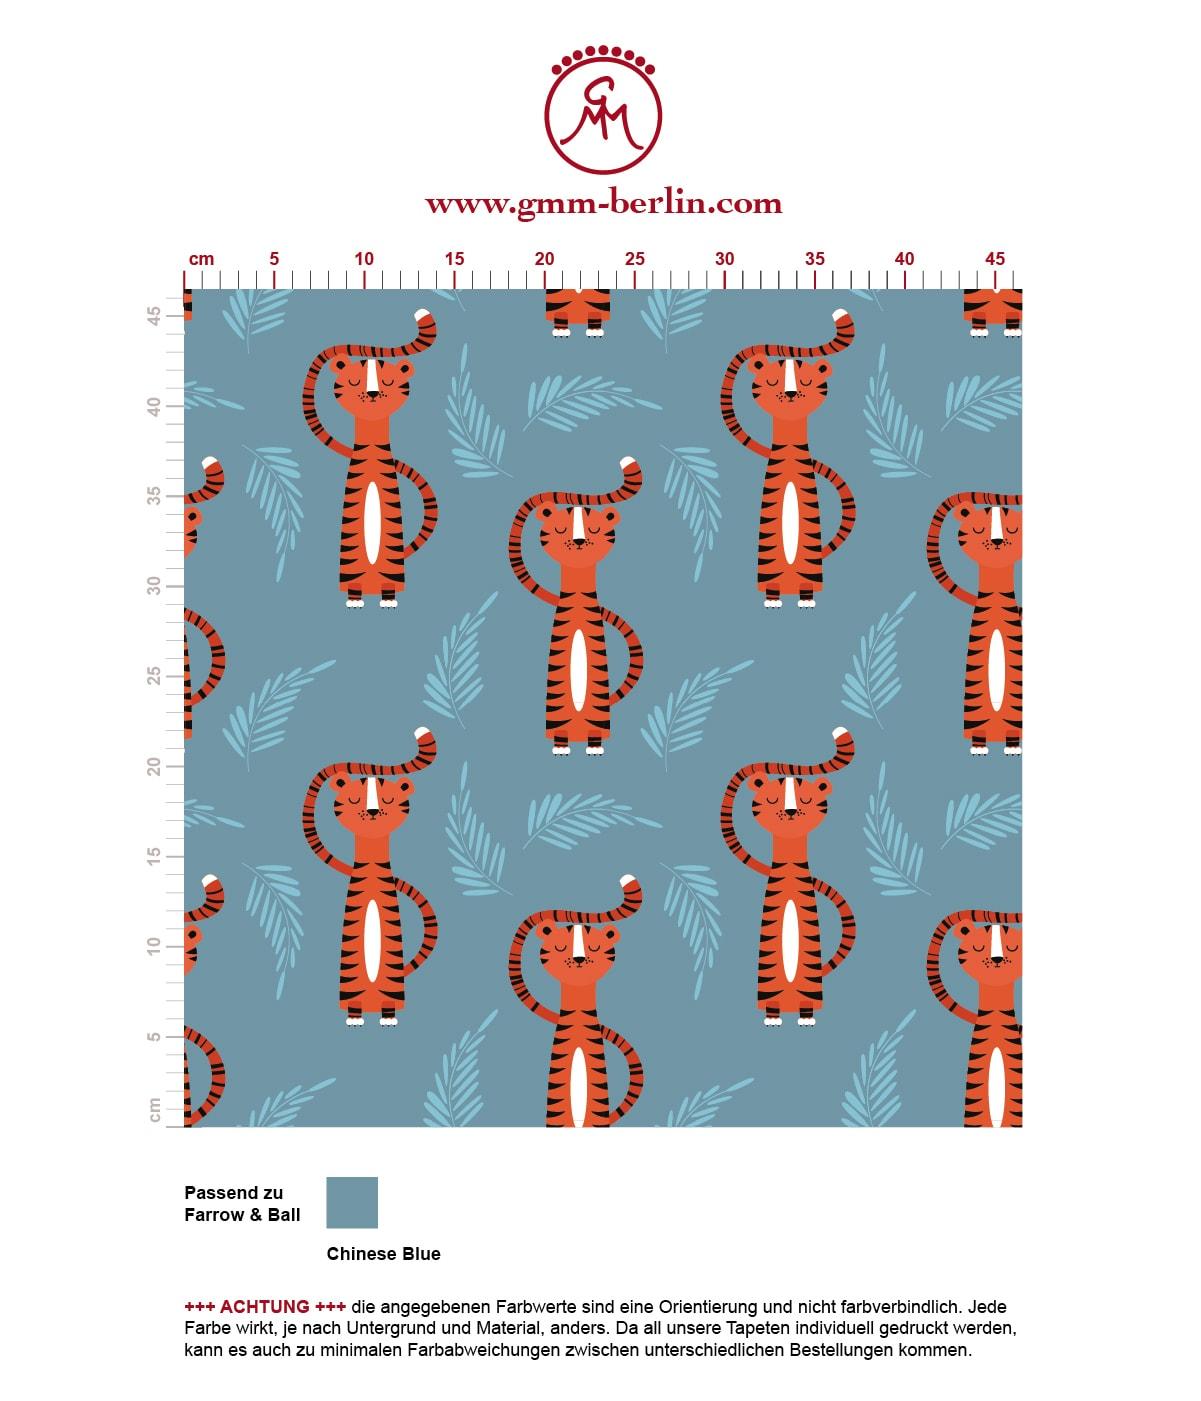 motivierende Kinder Jugend Tapete mit lustigem Sieger Tiger auf blau angepasst an Farrow and Ball Wandfarben. Aus dem GMM-BERLIN.com Sortiment: Schöne Tapeten in der Farbe: Orange